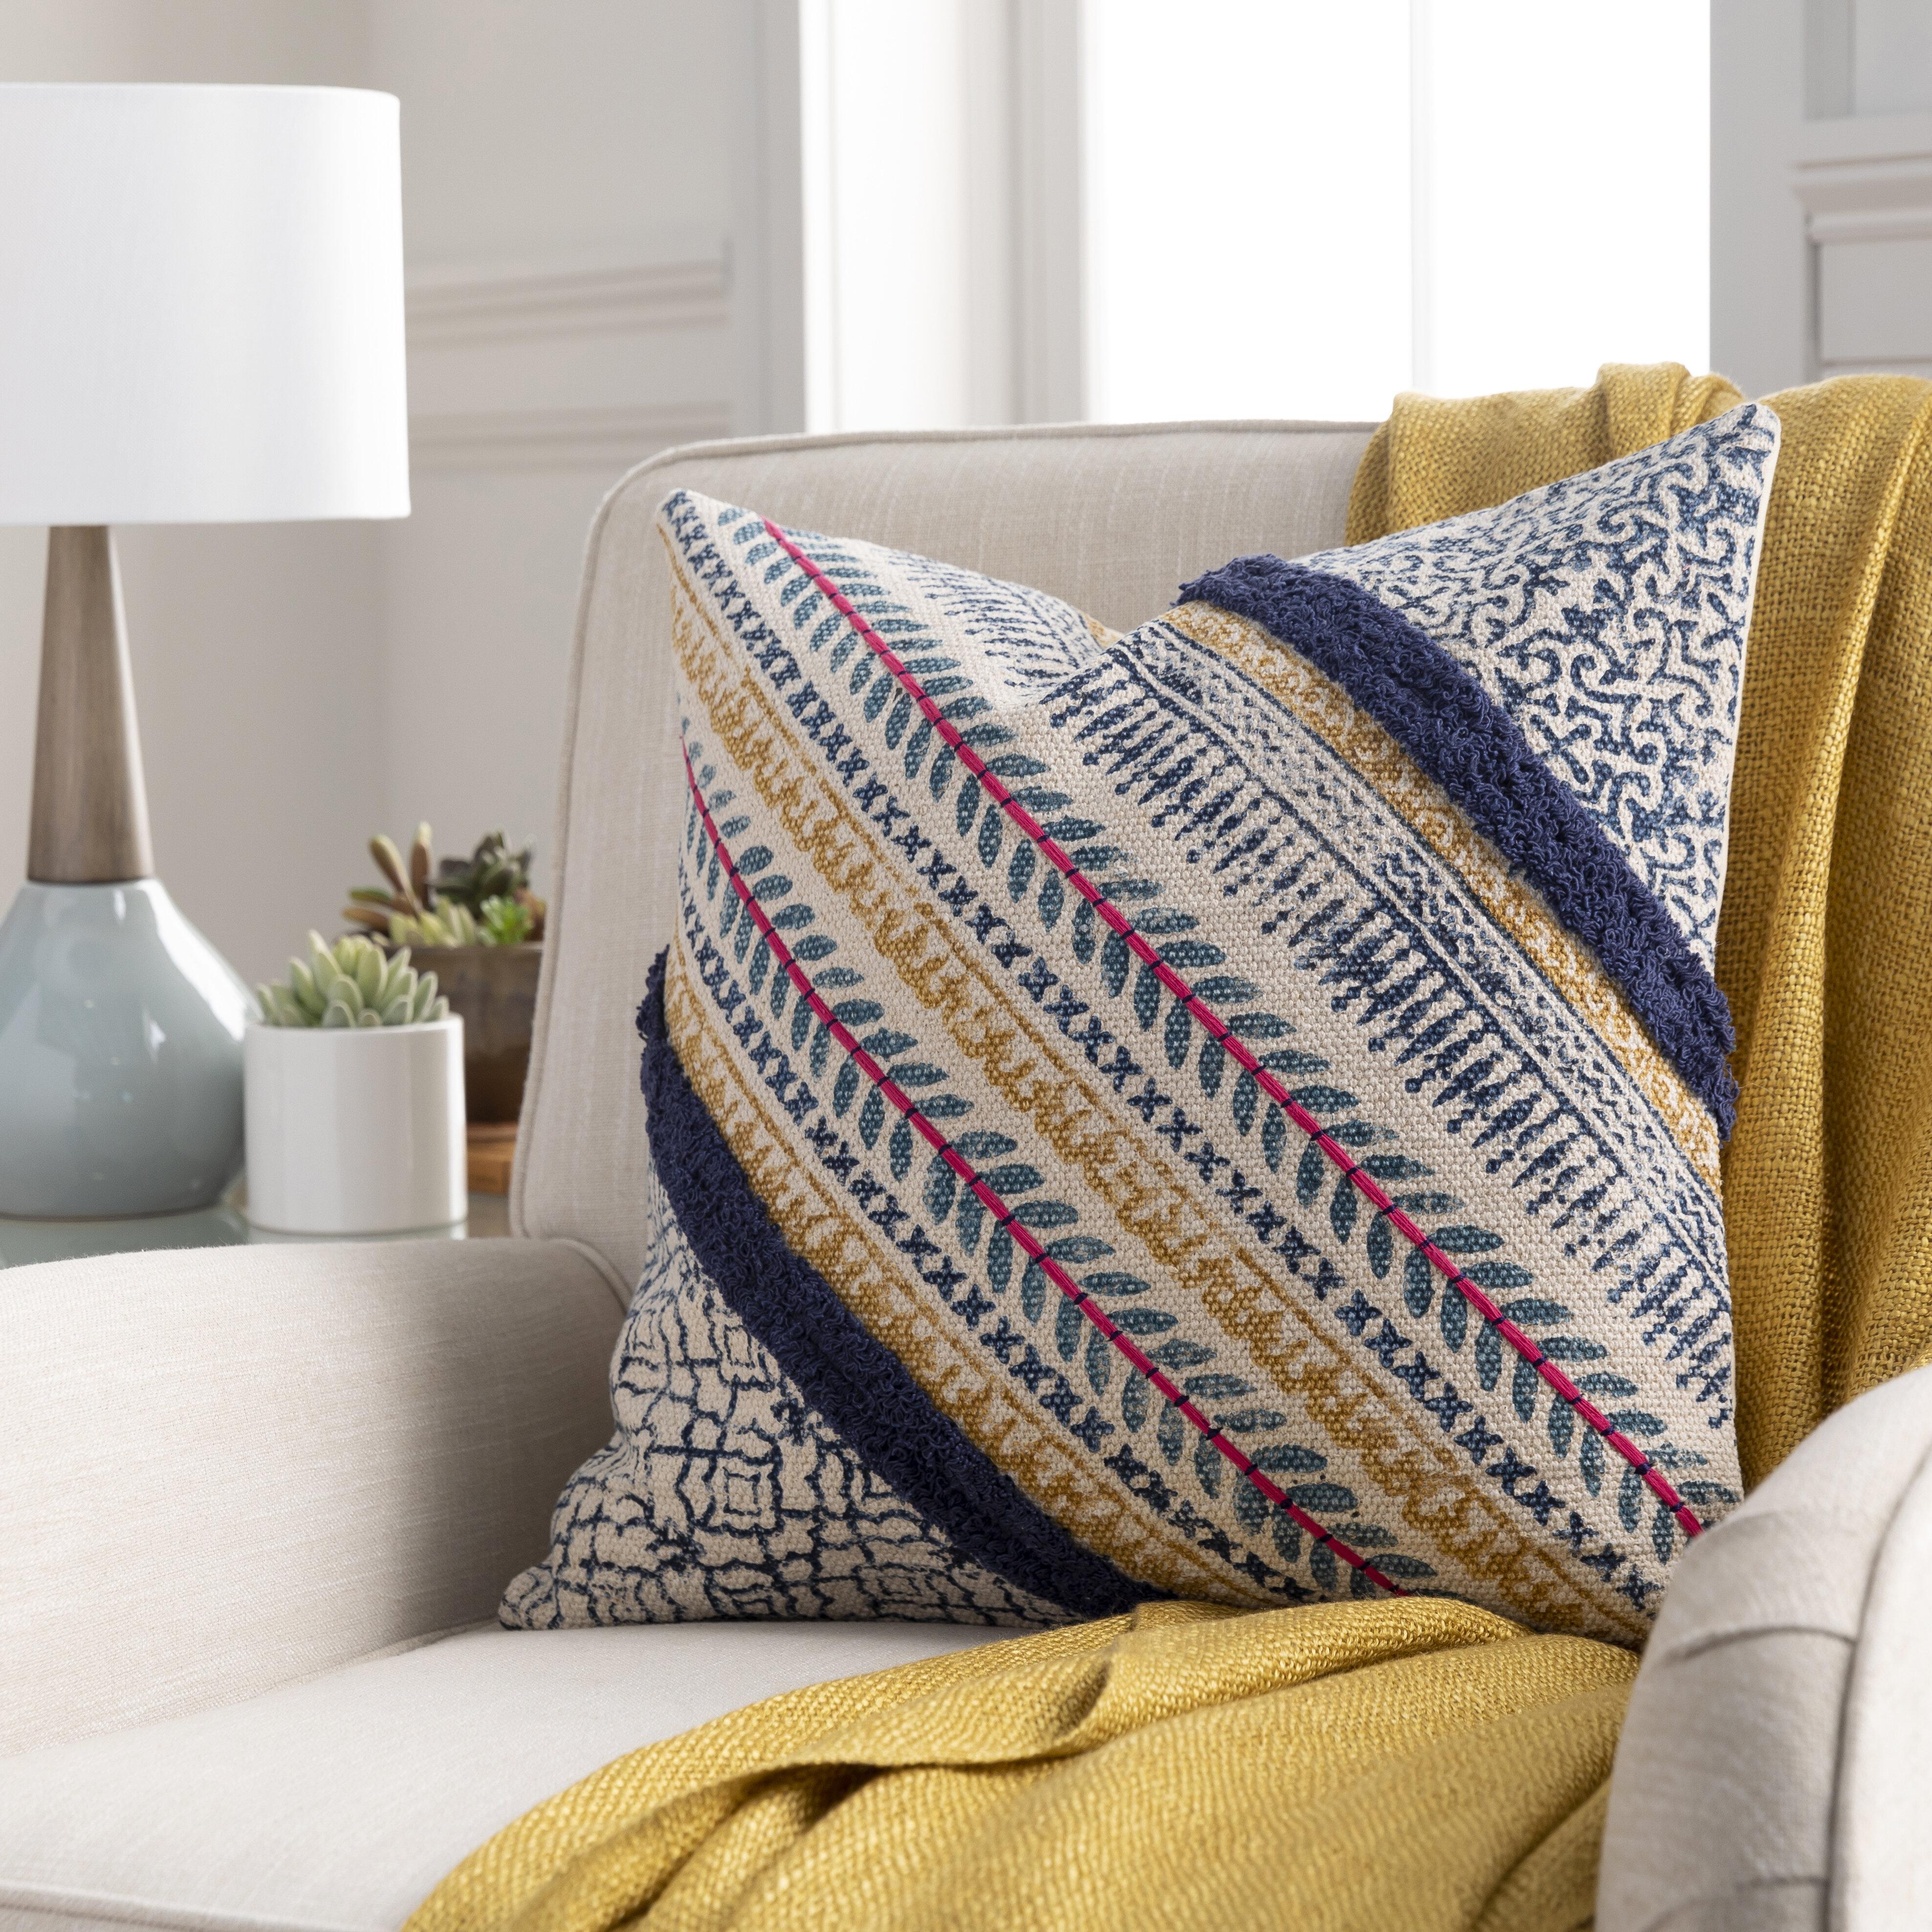 Dakota Fields Bookman Cotton Throw Pillow Cover Reviews Wayfair